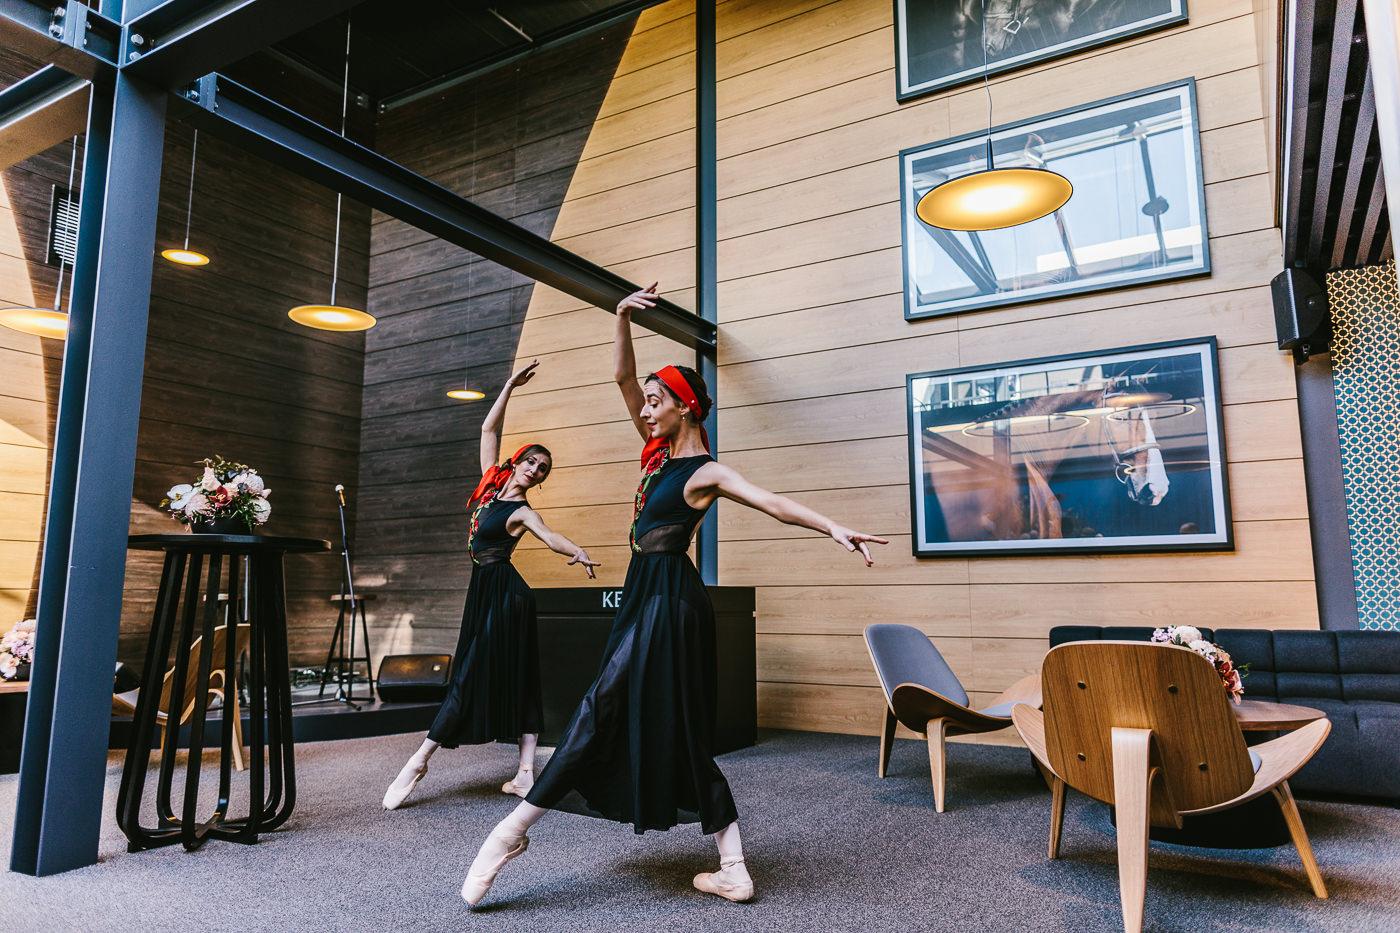 ballett dancers